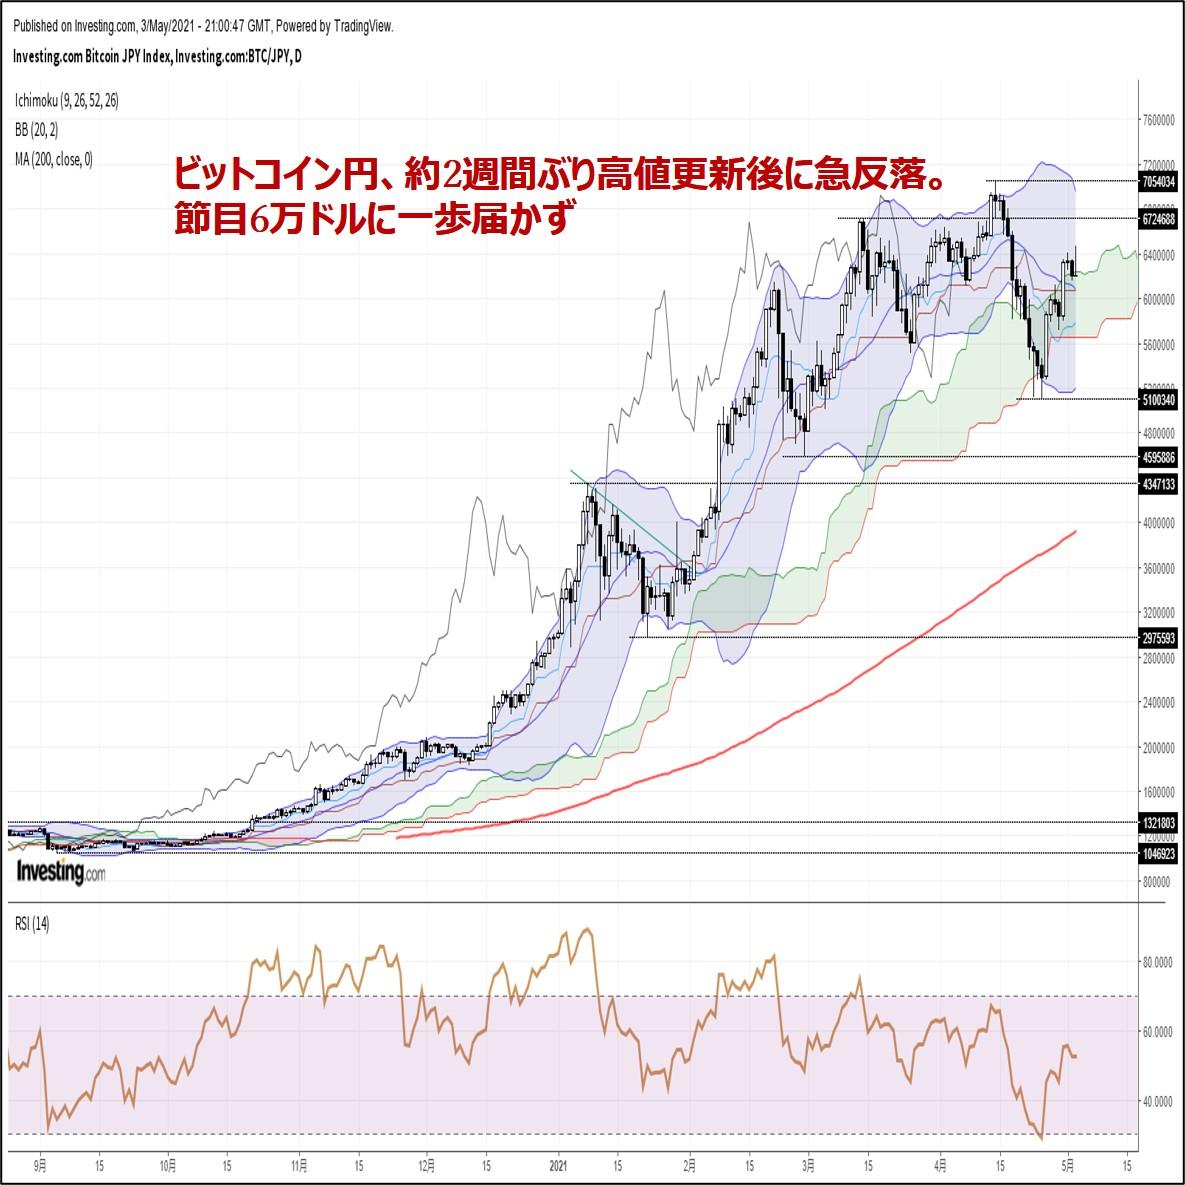 ビットコイン円、心理的節目600万円を割り込む下落。地合いの悪化に要警戒(5/5朝)